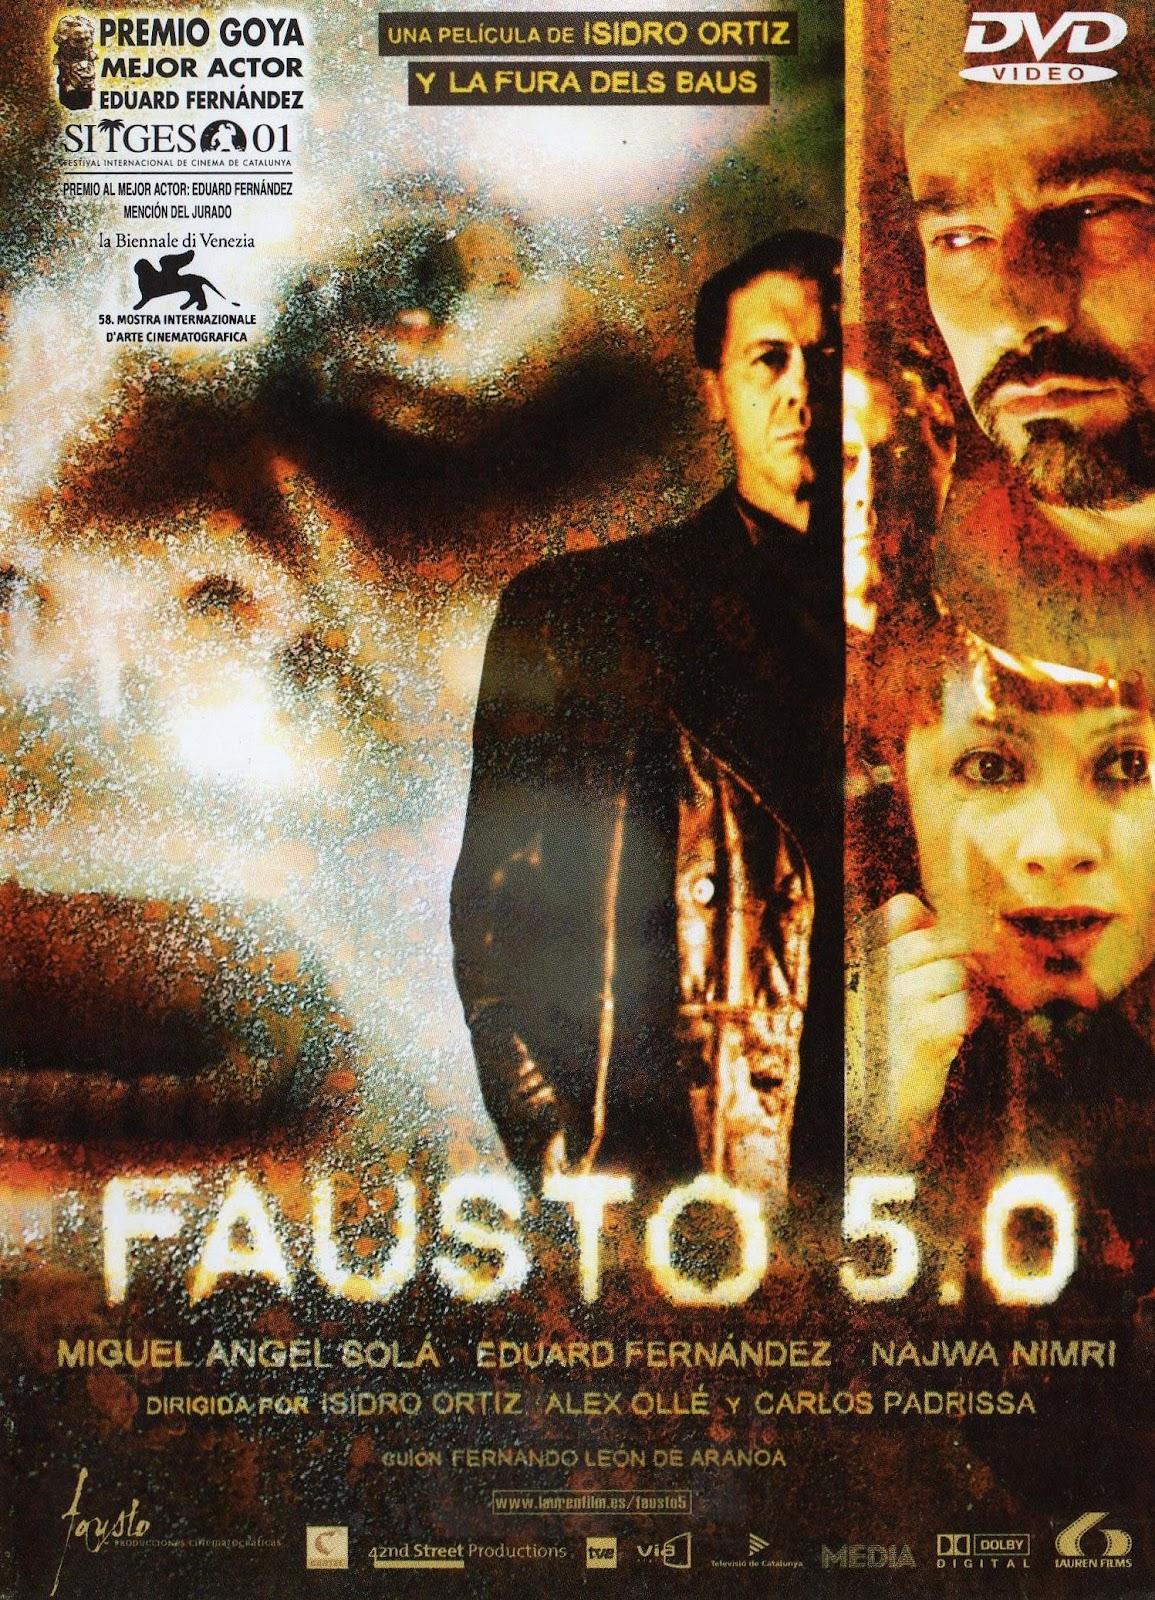 http://www.filmaffinity.com/es/film668465.html